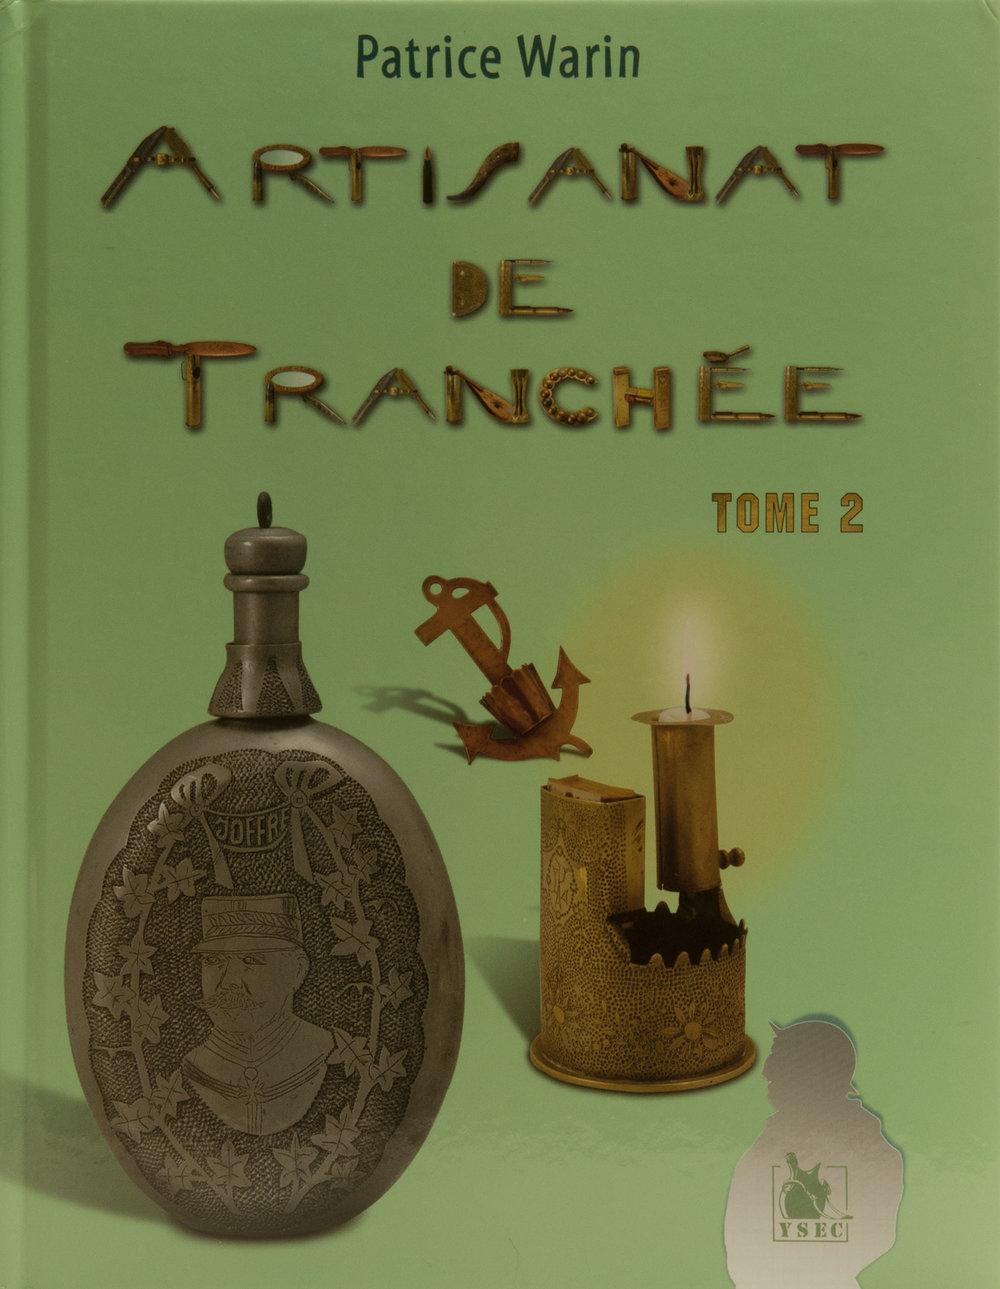 Artisanat De Trenchee Volume 2 By Patrice Waren .jpg